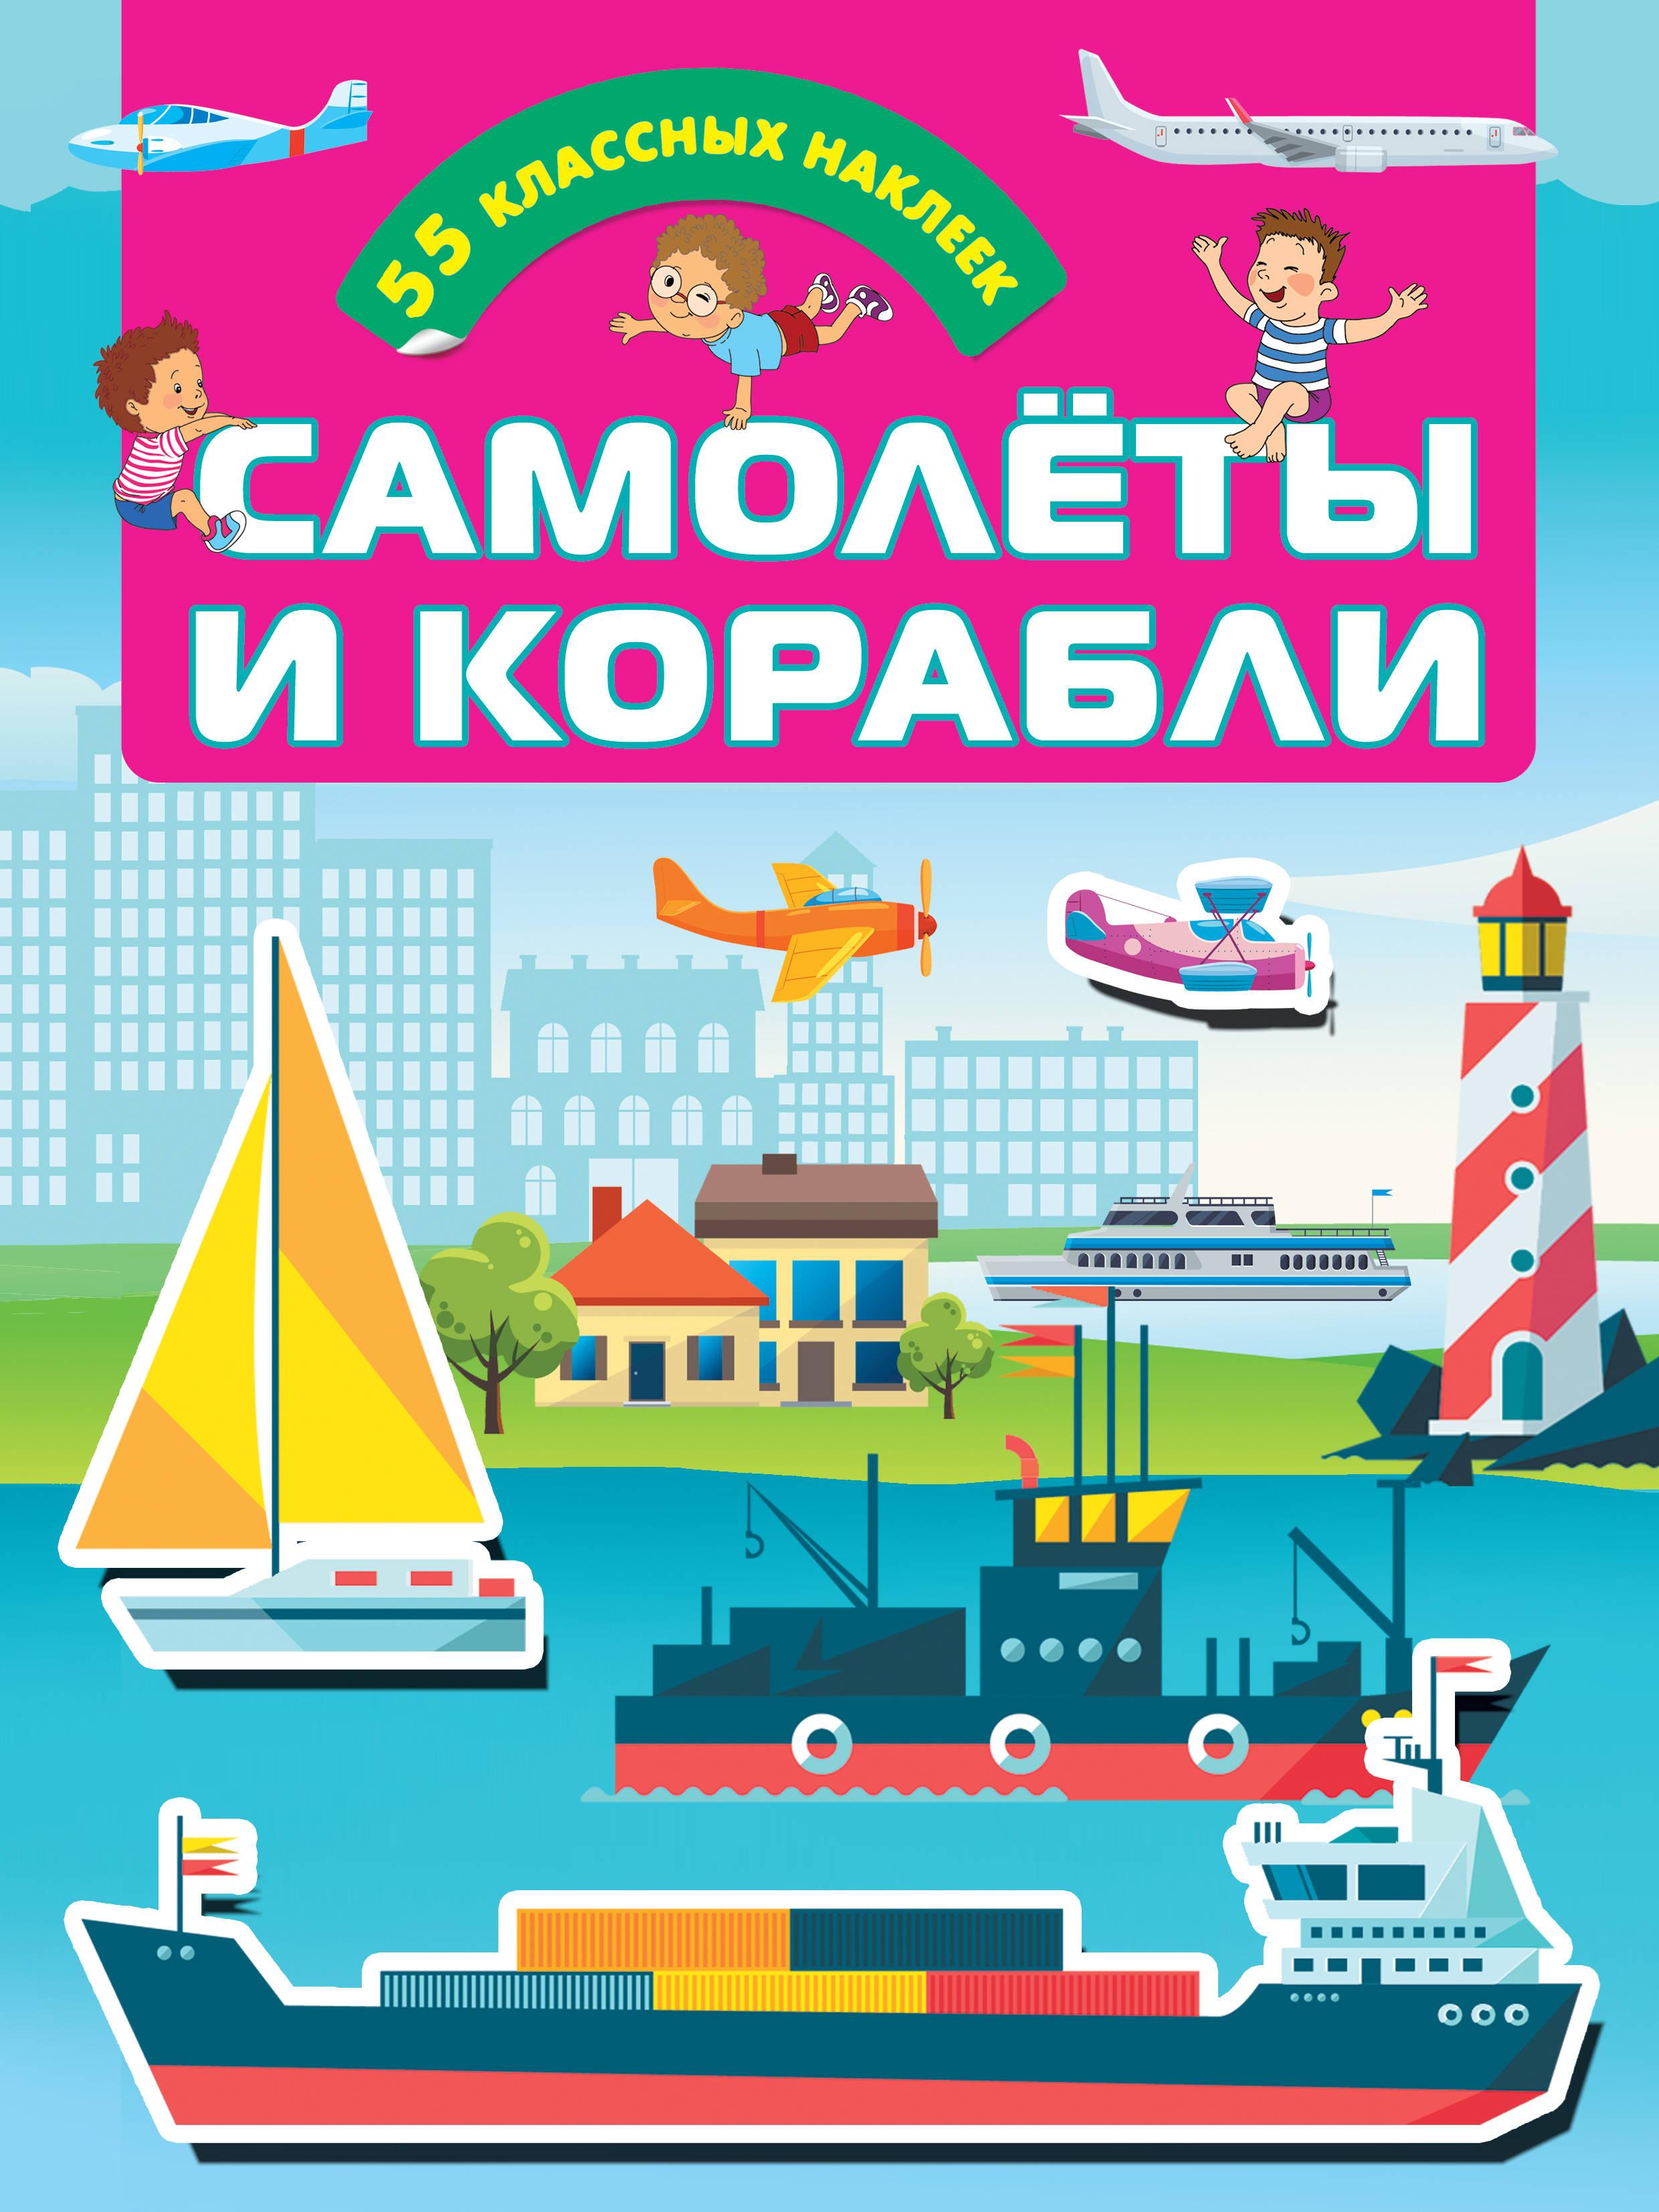 Самолеты и корабли